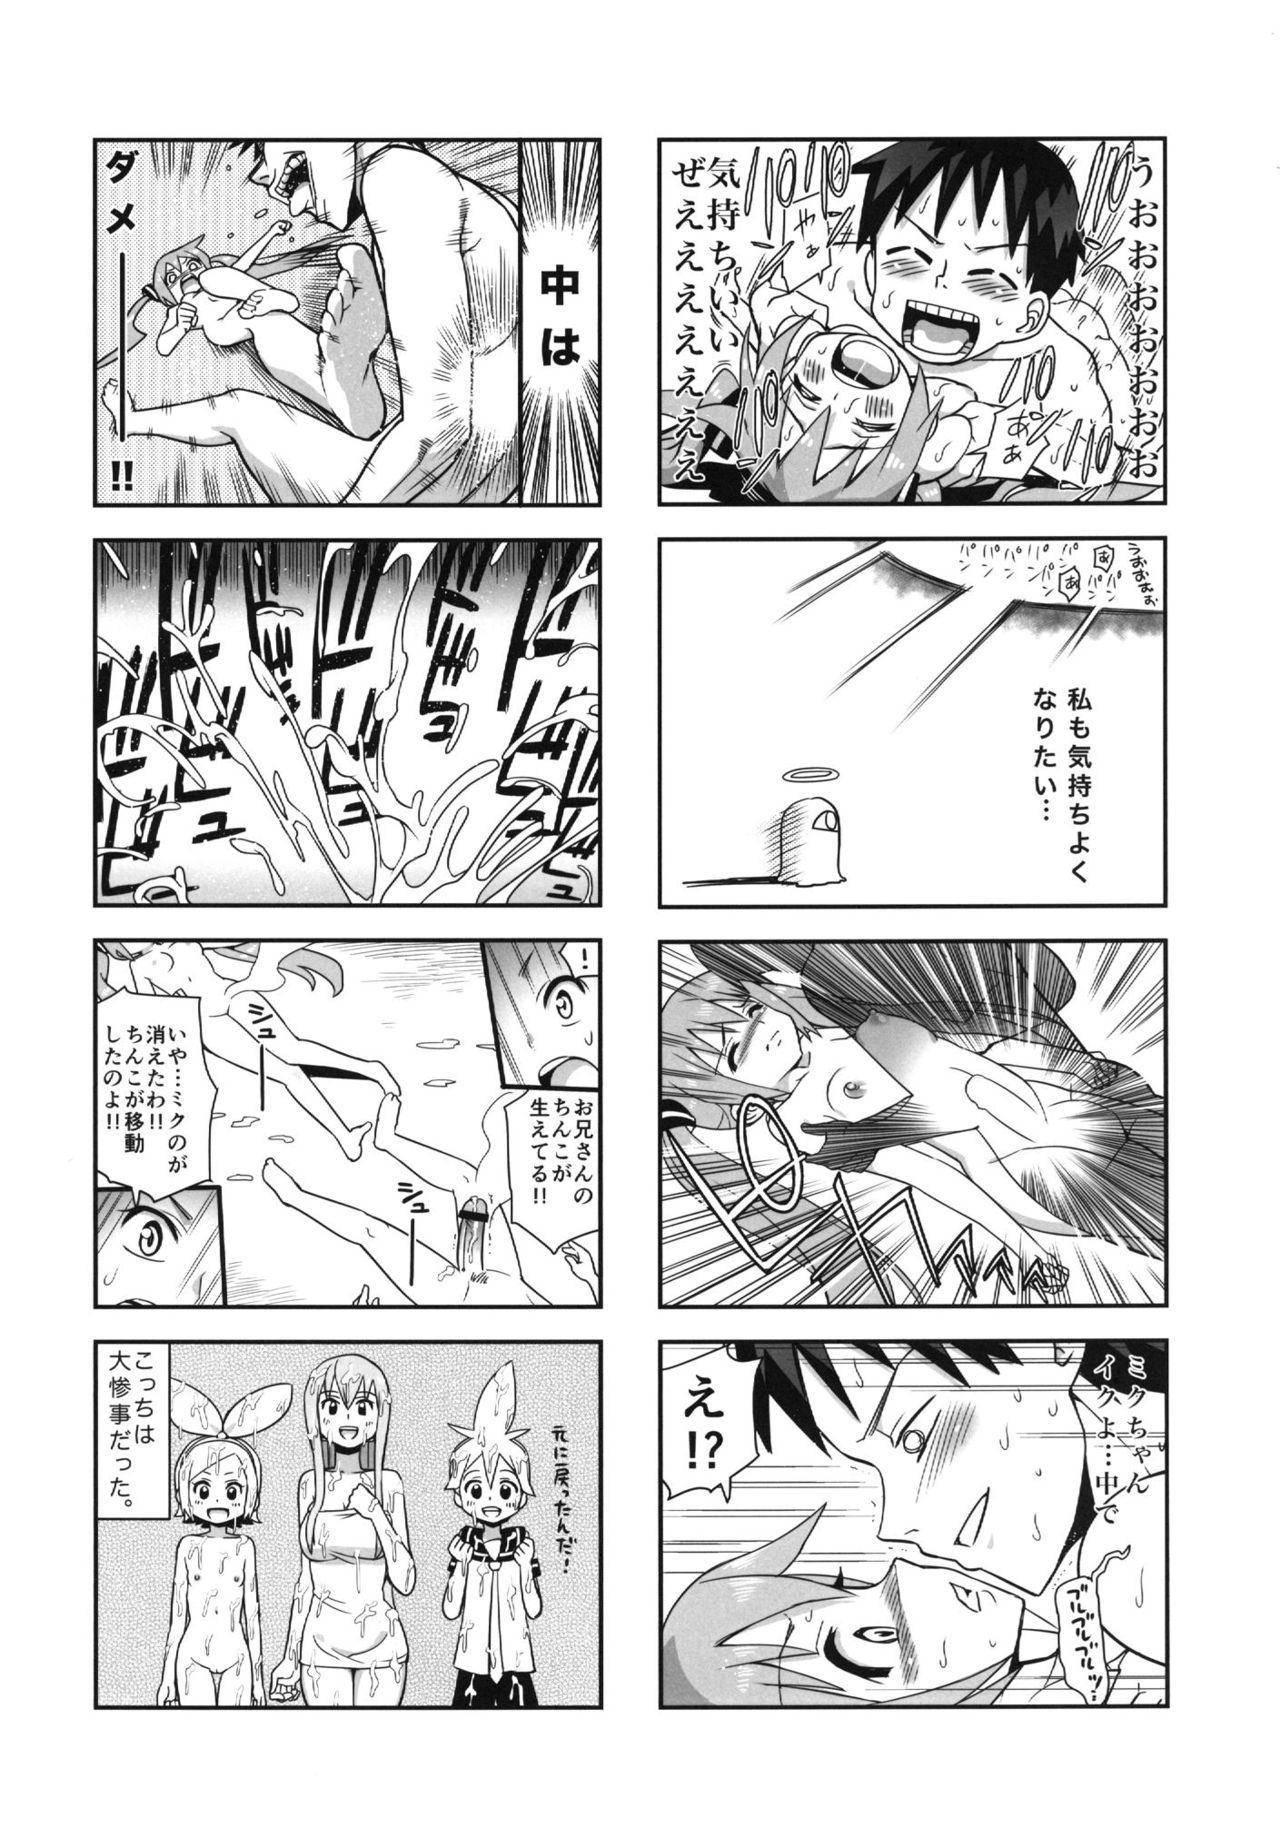 Mikkumiku na Hannou volume. 5 42